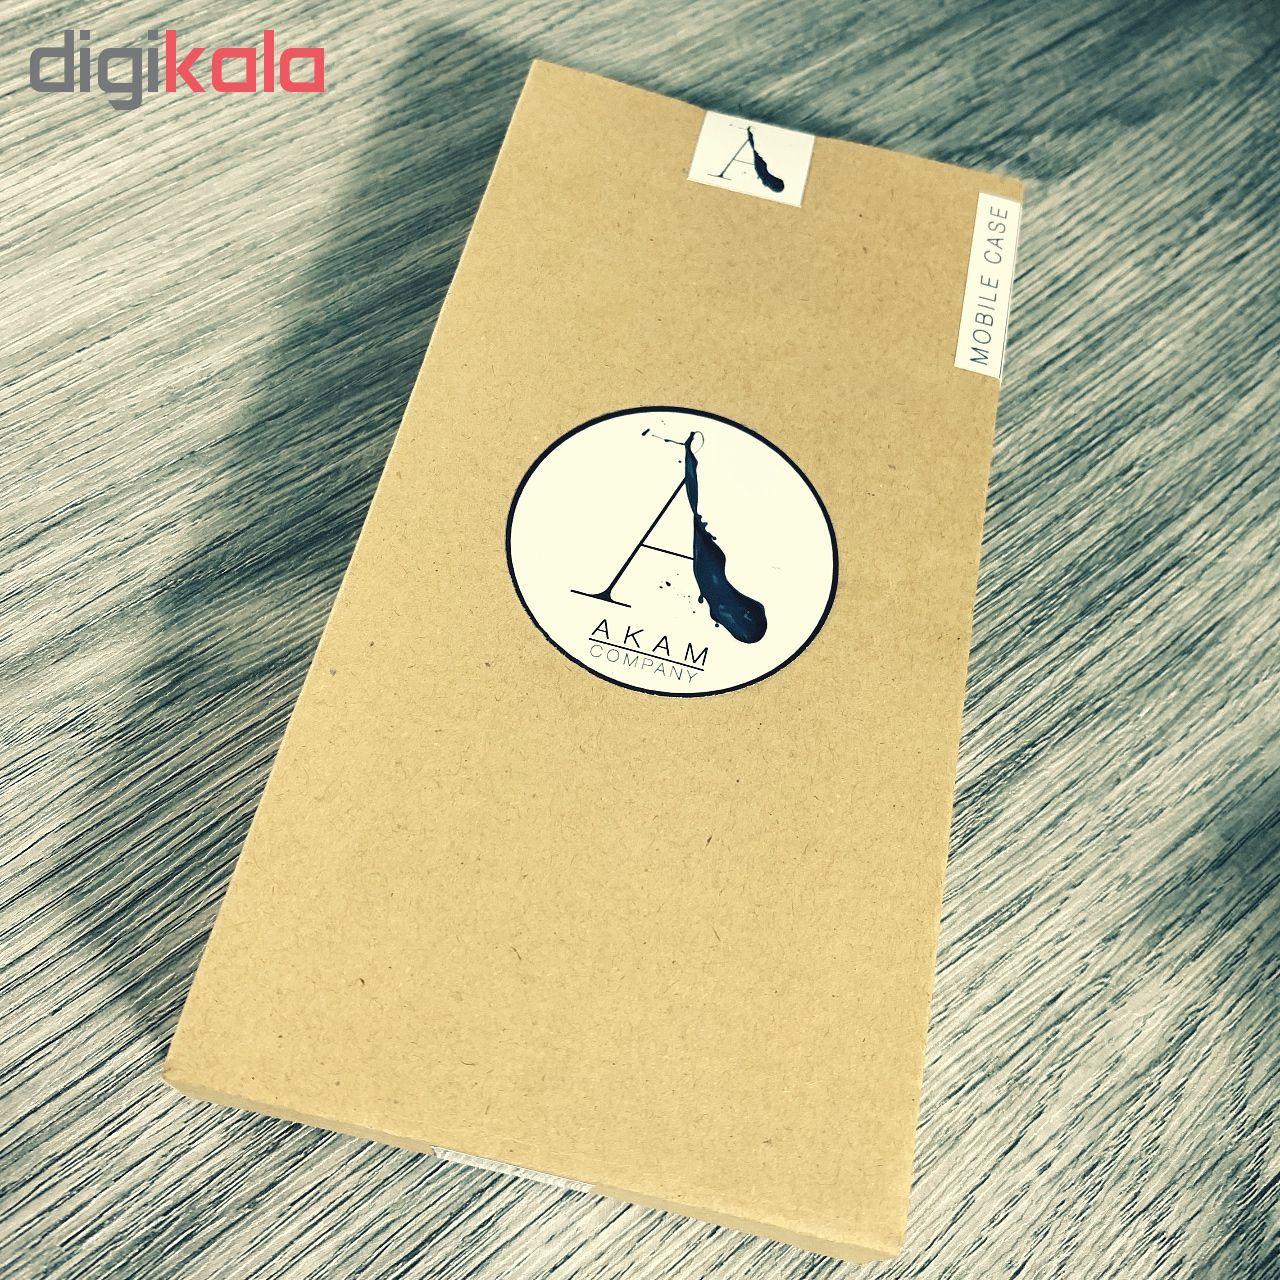 کاور آکام مدل A71414 مناسب برای گوشی موبایل اپل iPhone 7/8 main 1 2